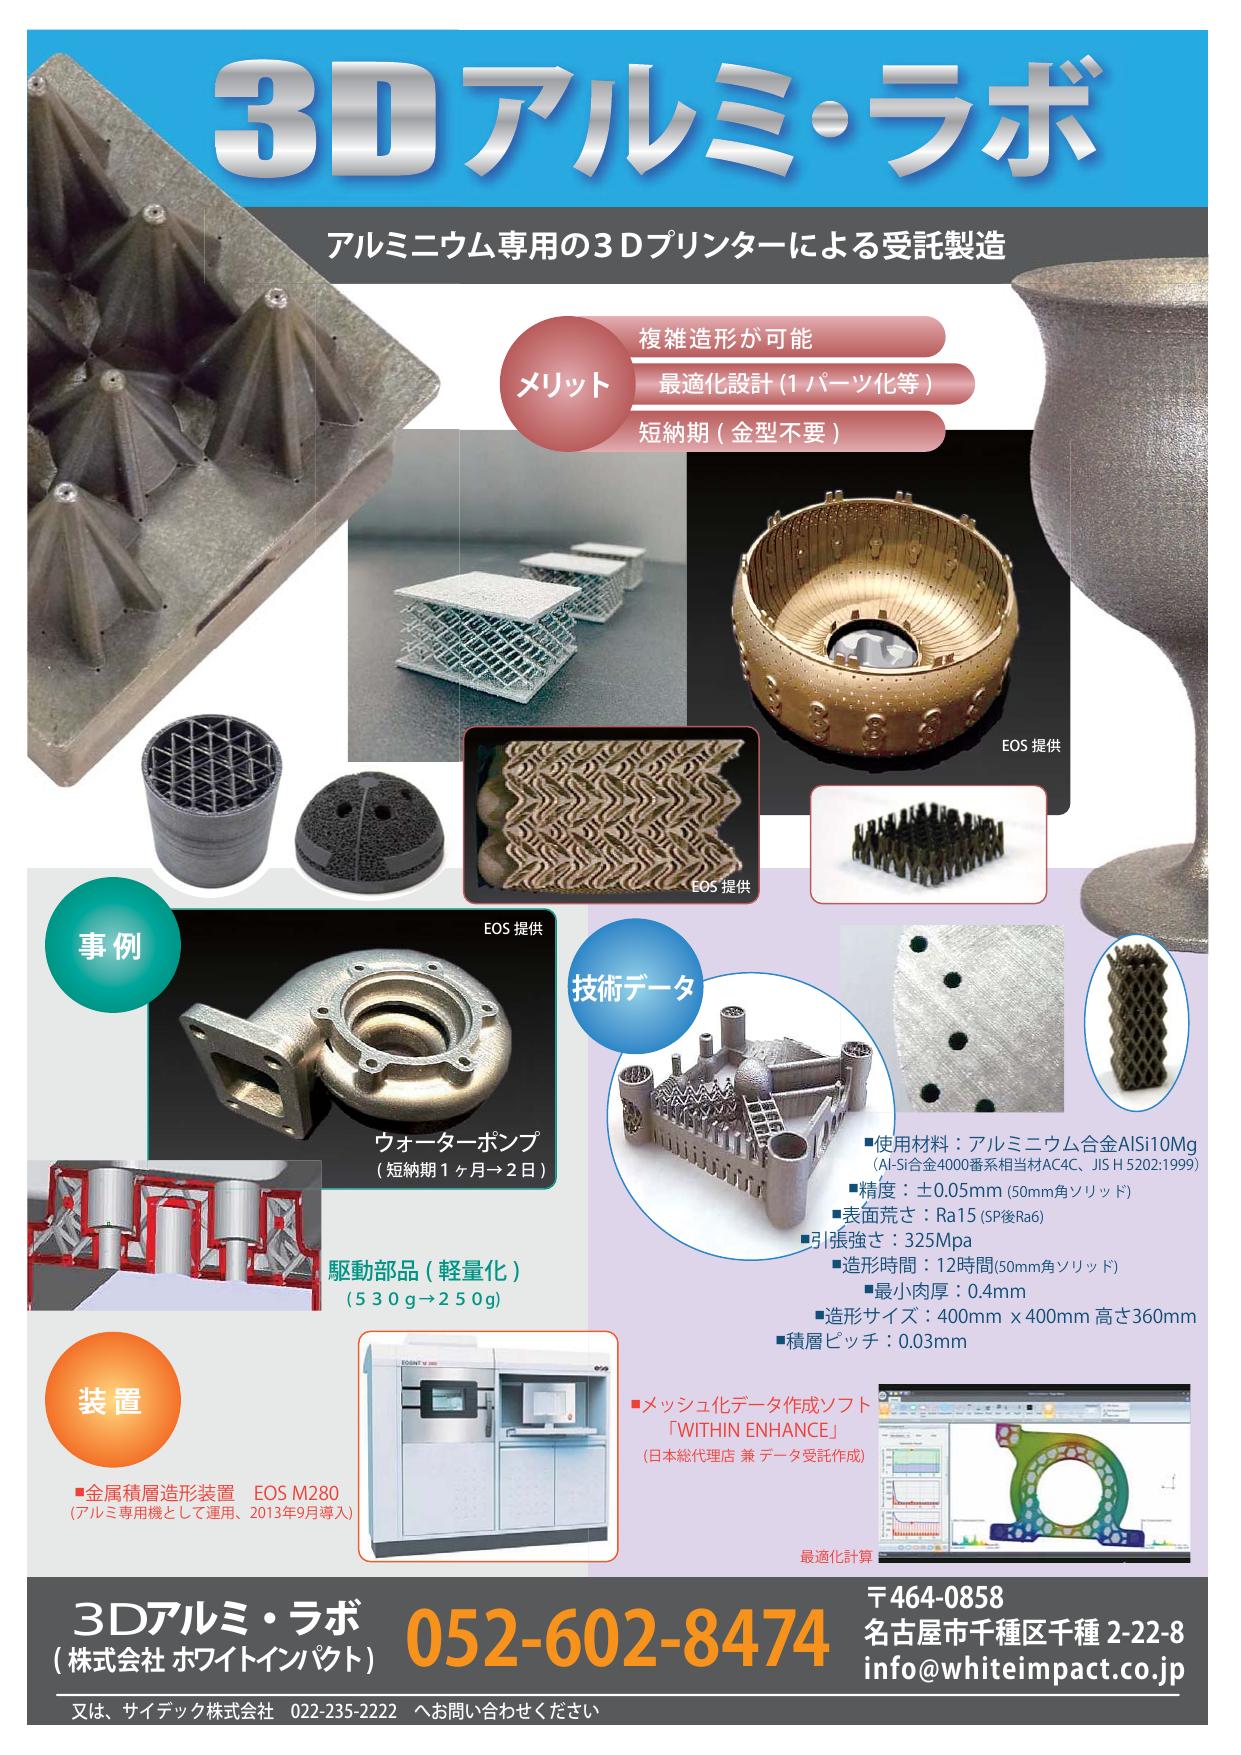 アルミニウム専用の3Dプリンターによる受託製造